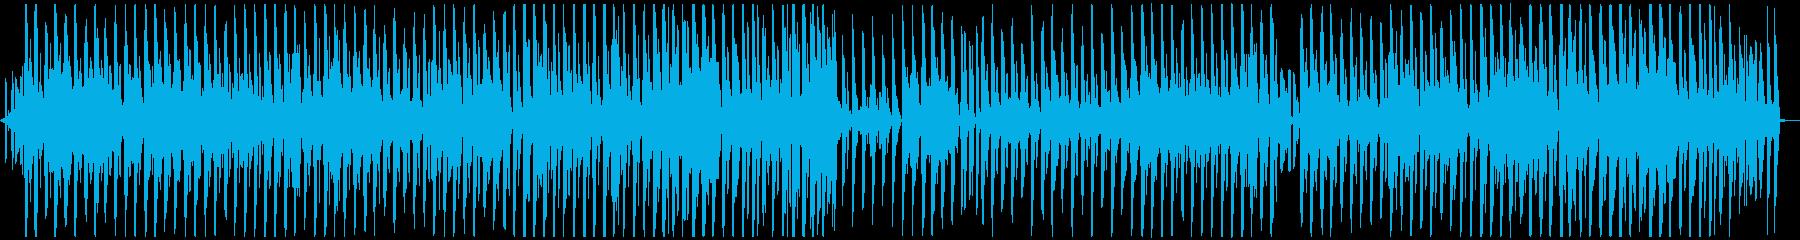 エレクトロスウィング!マヌーシュジャズの再生済みの波形